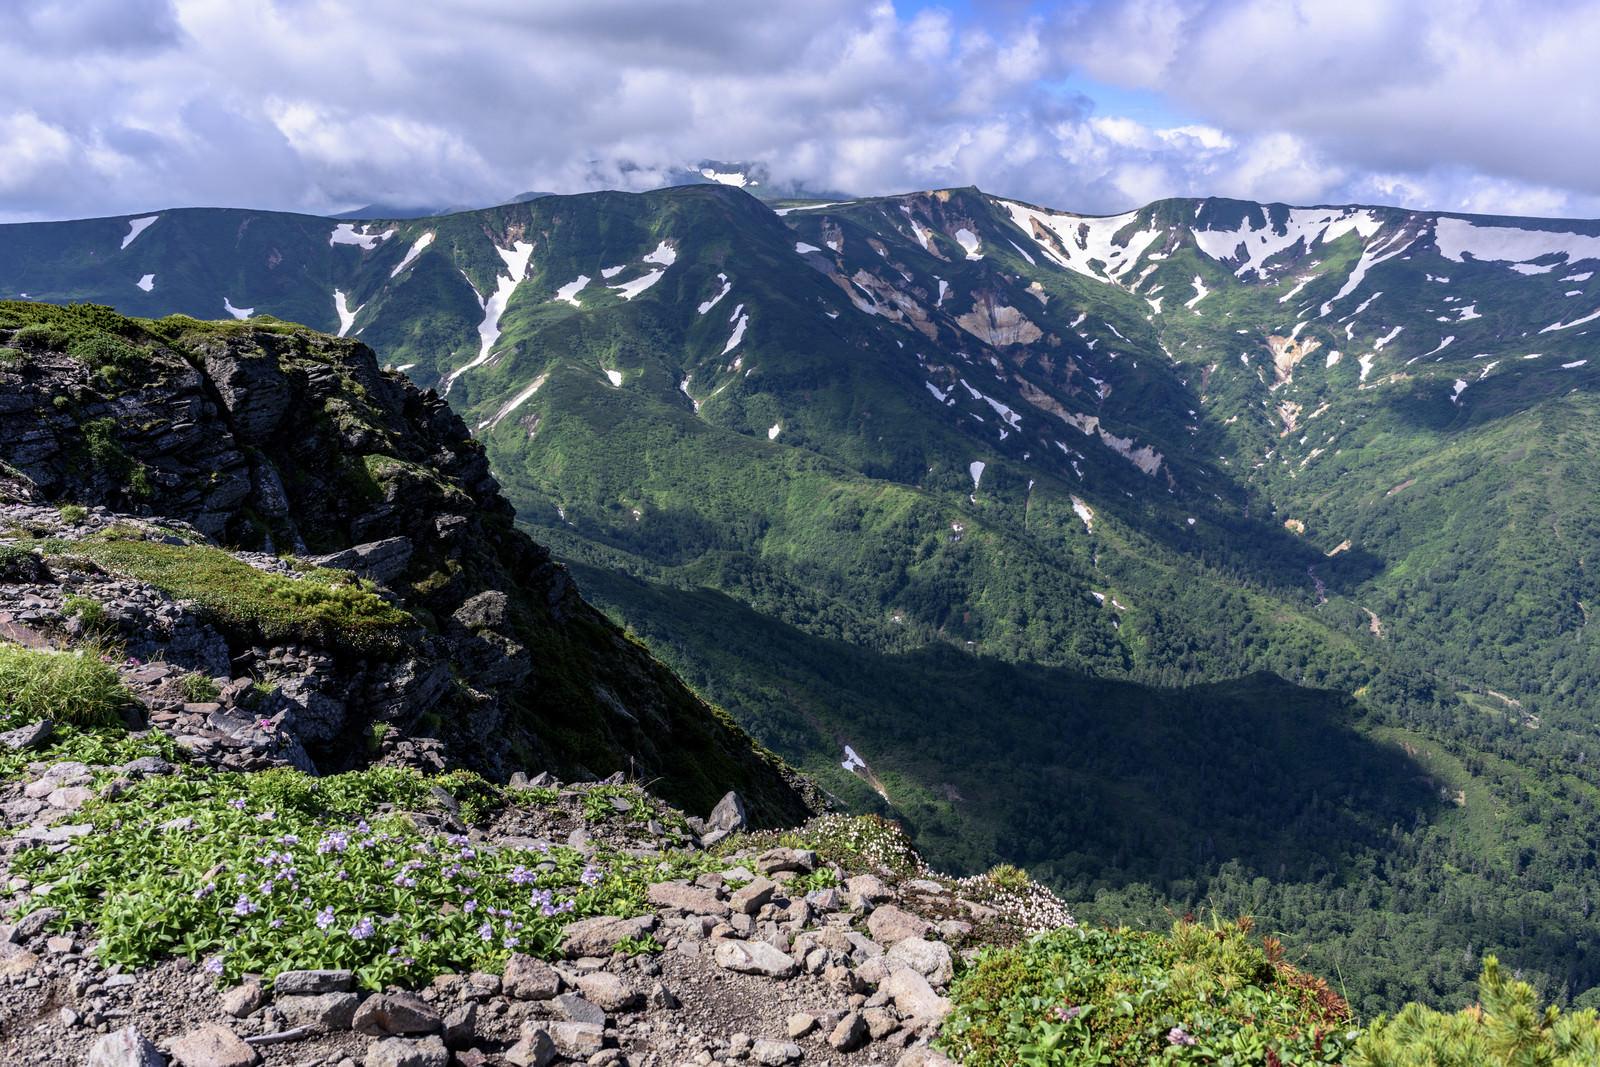 「忠別岳(ちゅうべつだけ)から見る化雲岳(かうんだけ)」の写真